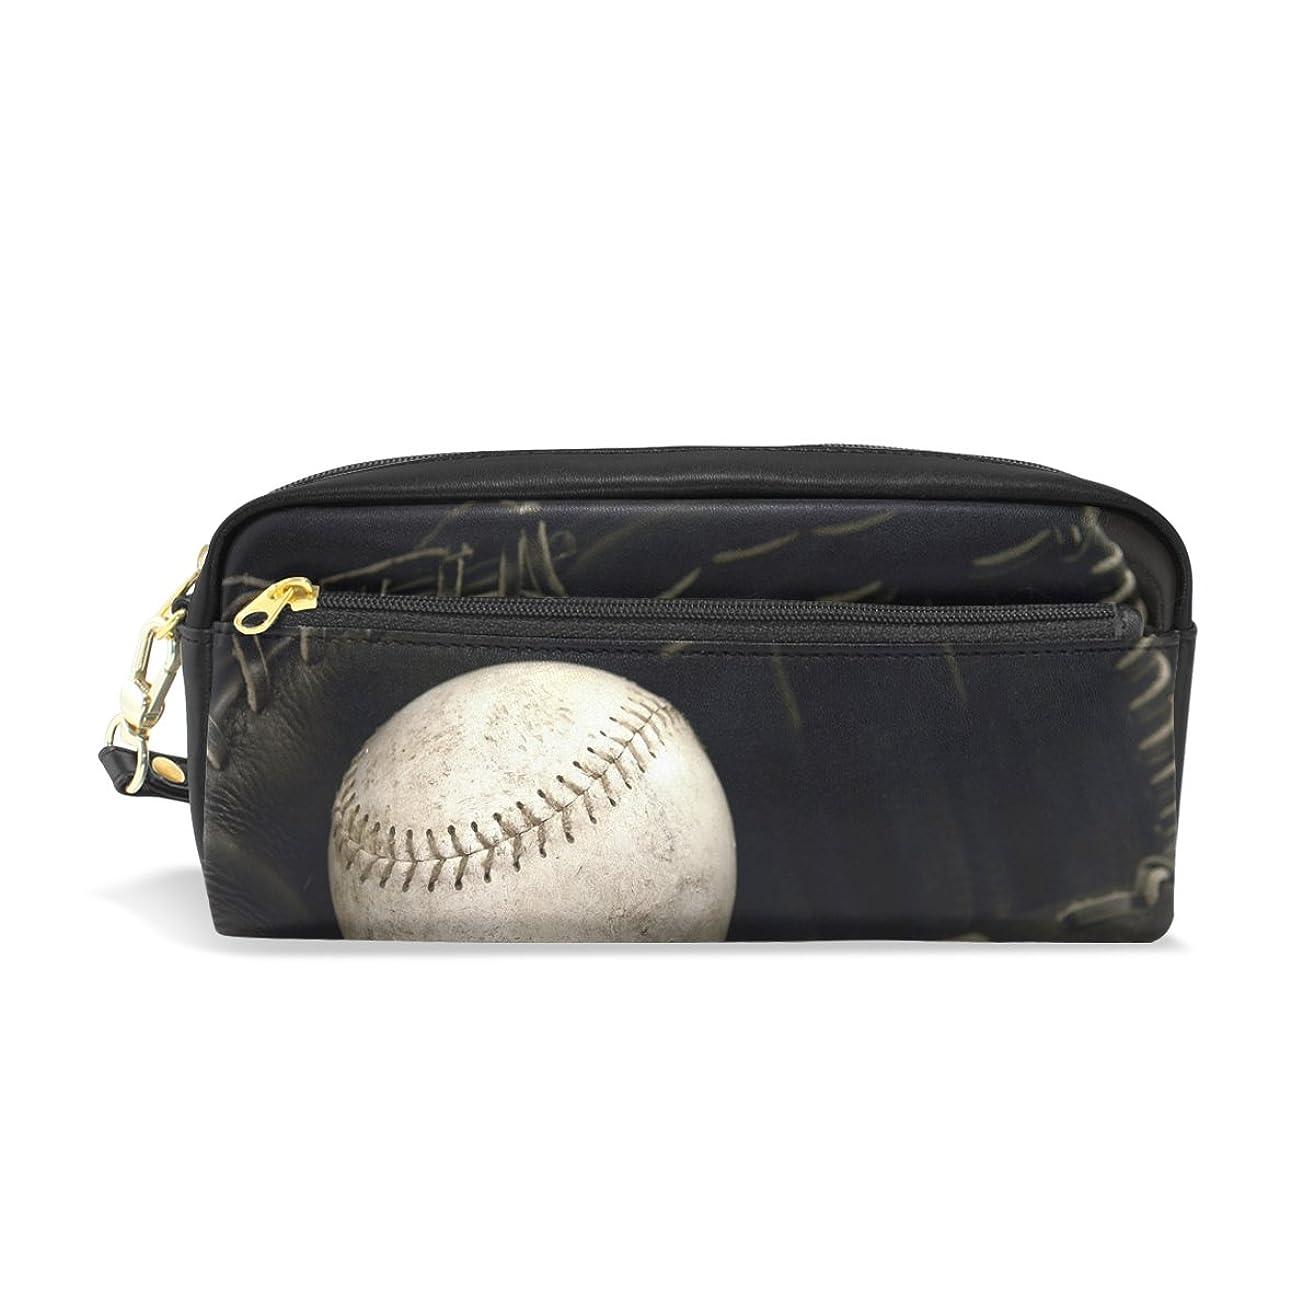 添加剤愛人現れるAOMOKI ペンケース 化粧ポーチ 小物入り 多機能バッグ レディース 野球 ブラック